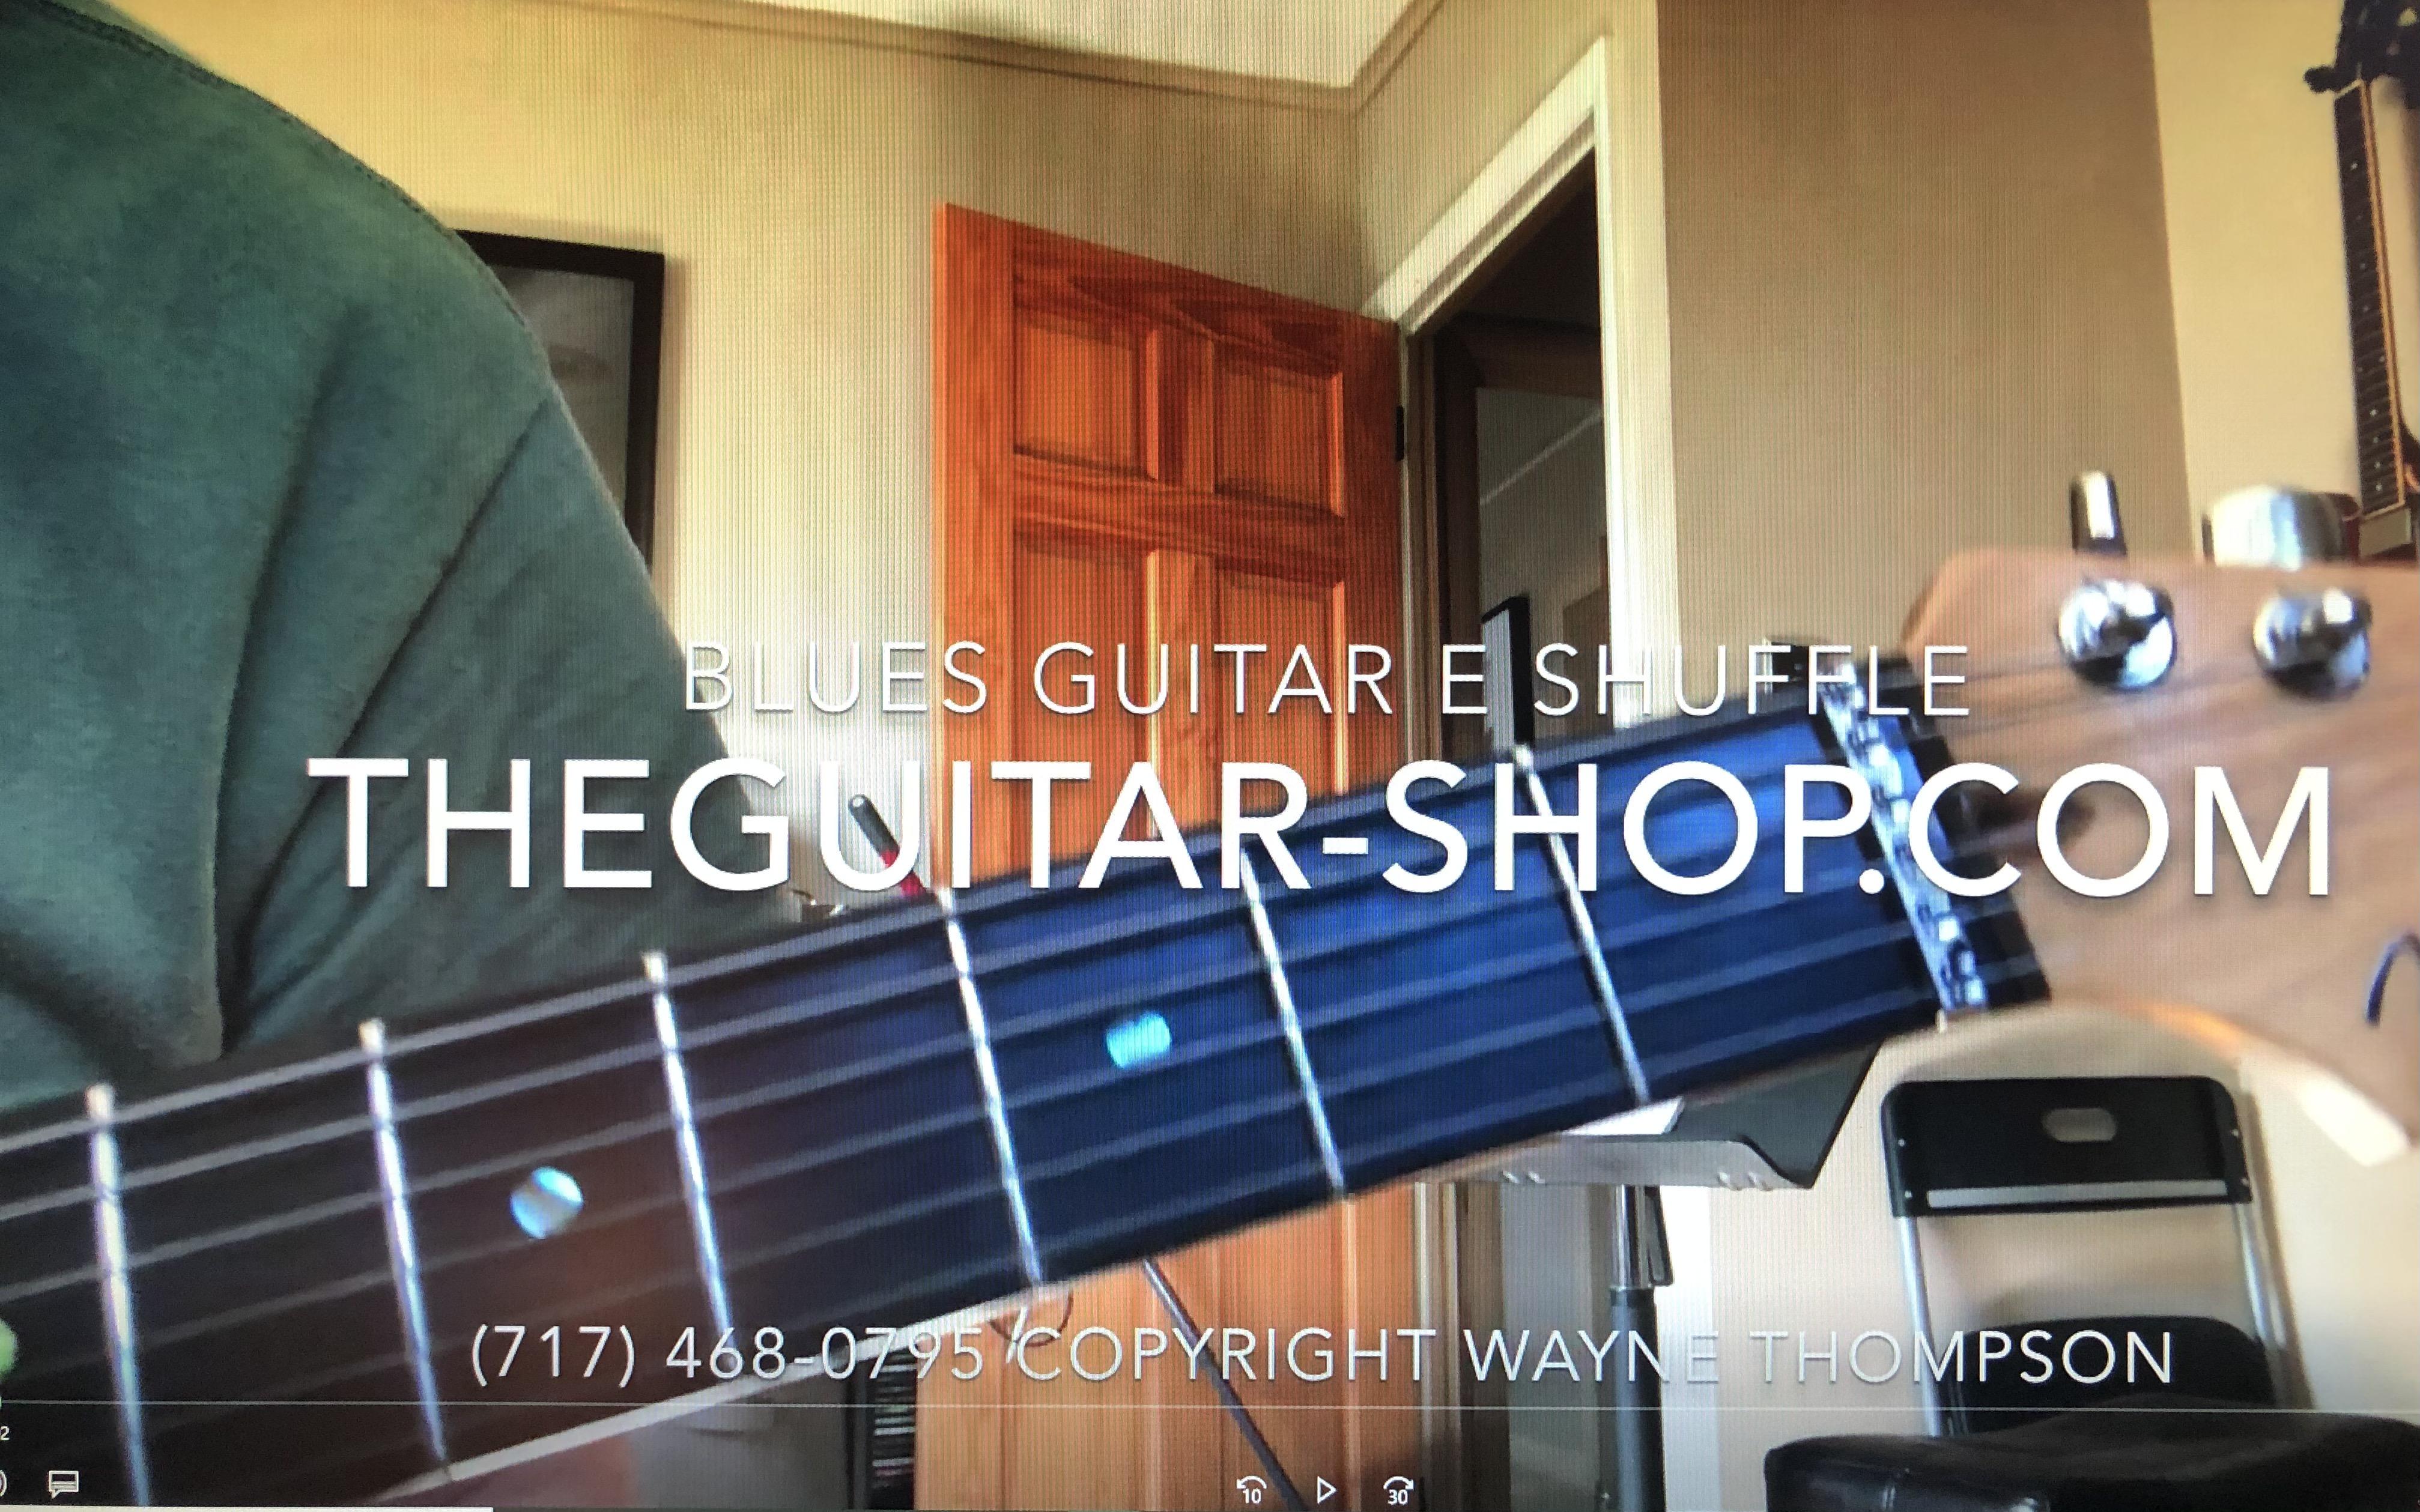 https://0201.nccdn.net/1_2/000/000/153/baf/blues-guitar-shuffle-ss.jpg